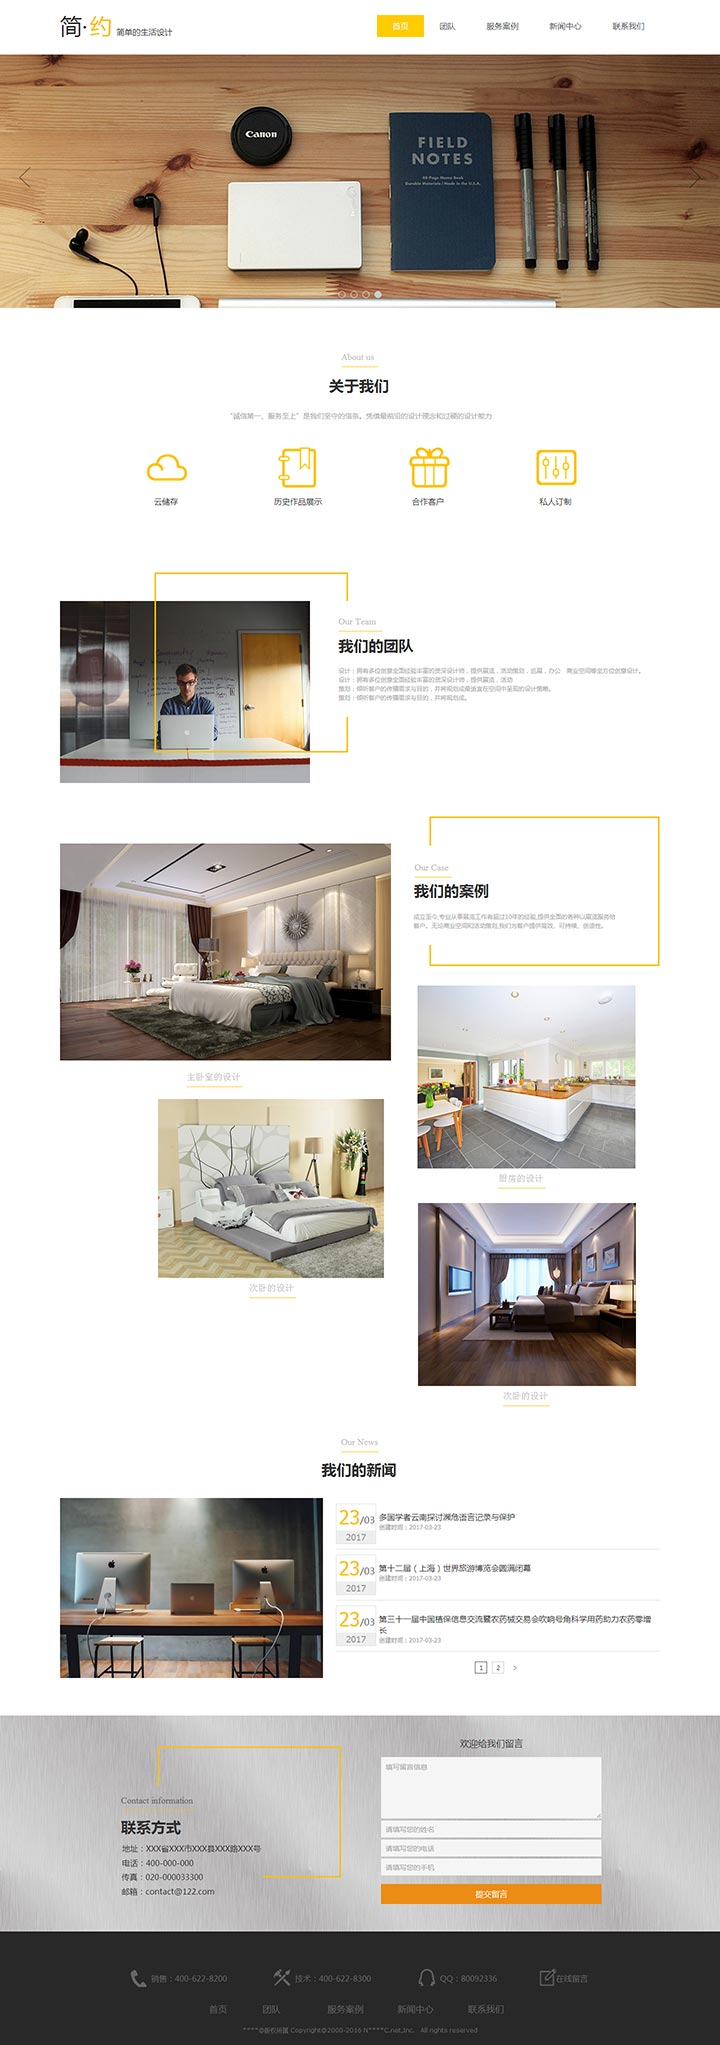 简约室内设计展示模板